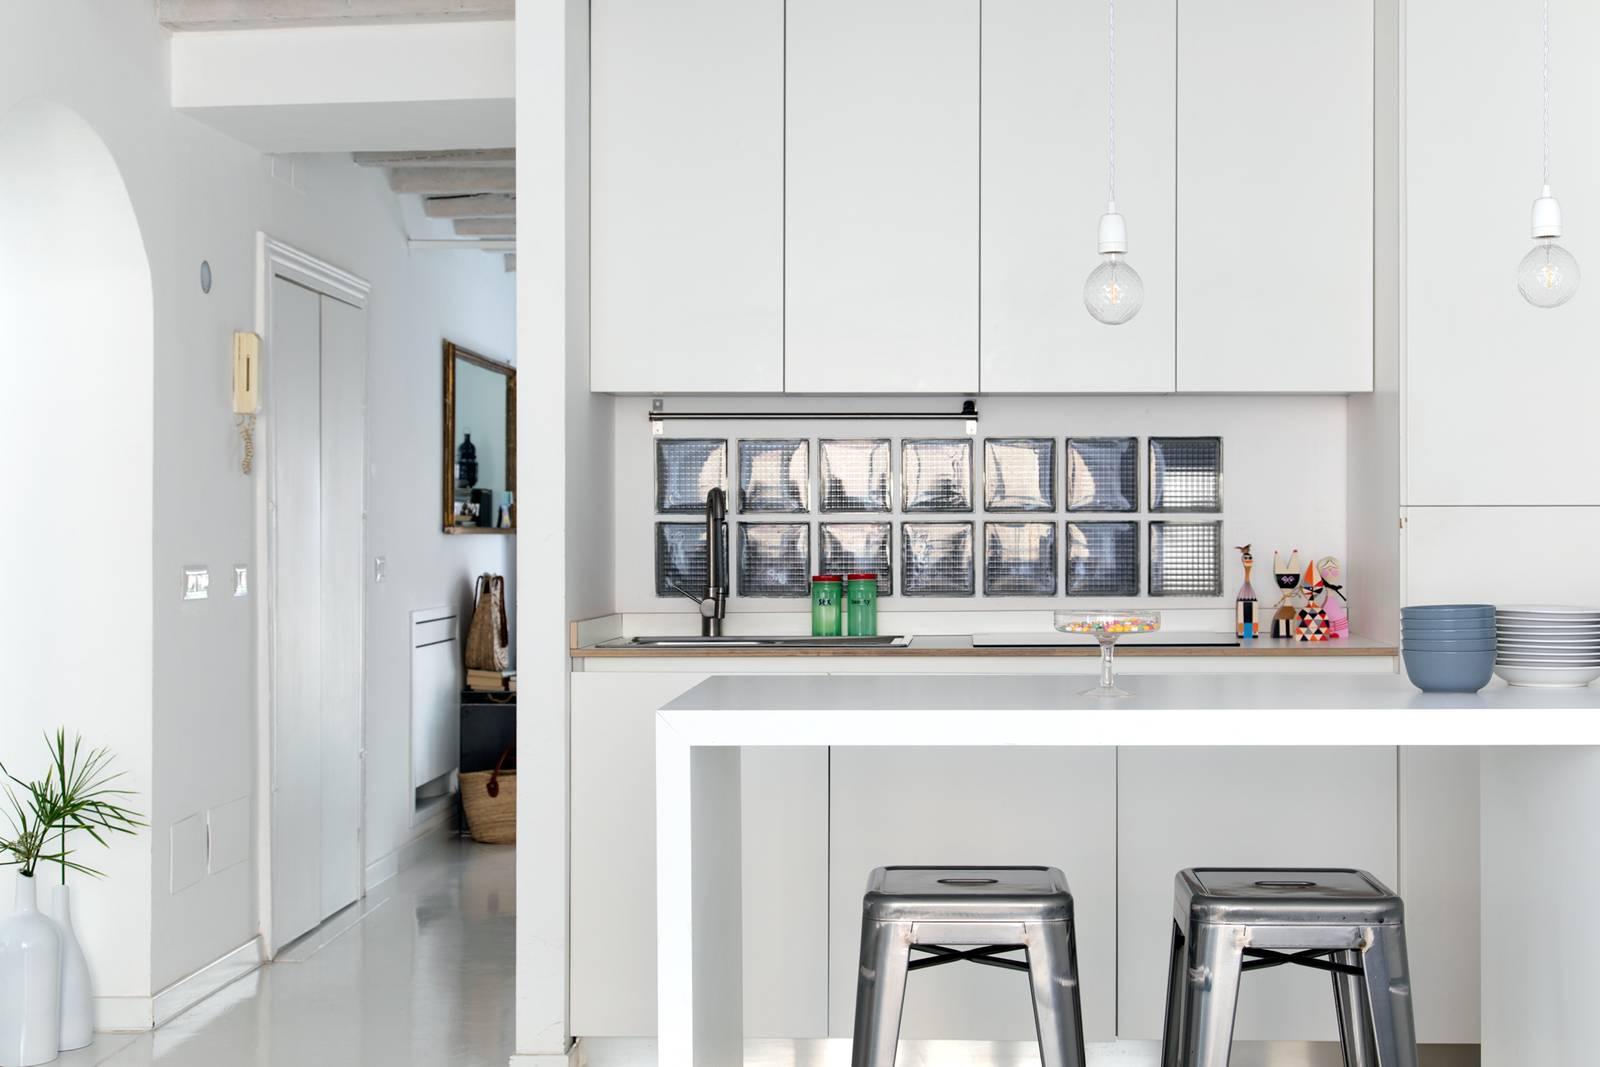 L'alzatina in cucina, tra funzionalità, praticità e decor ...